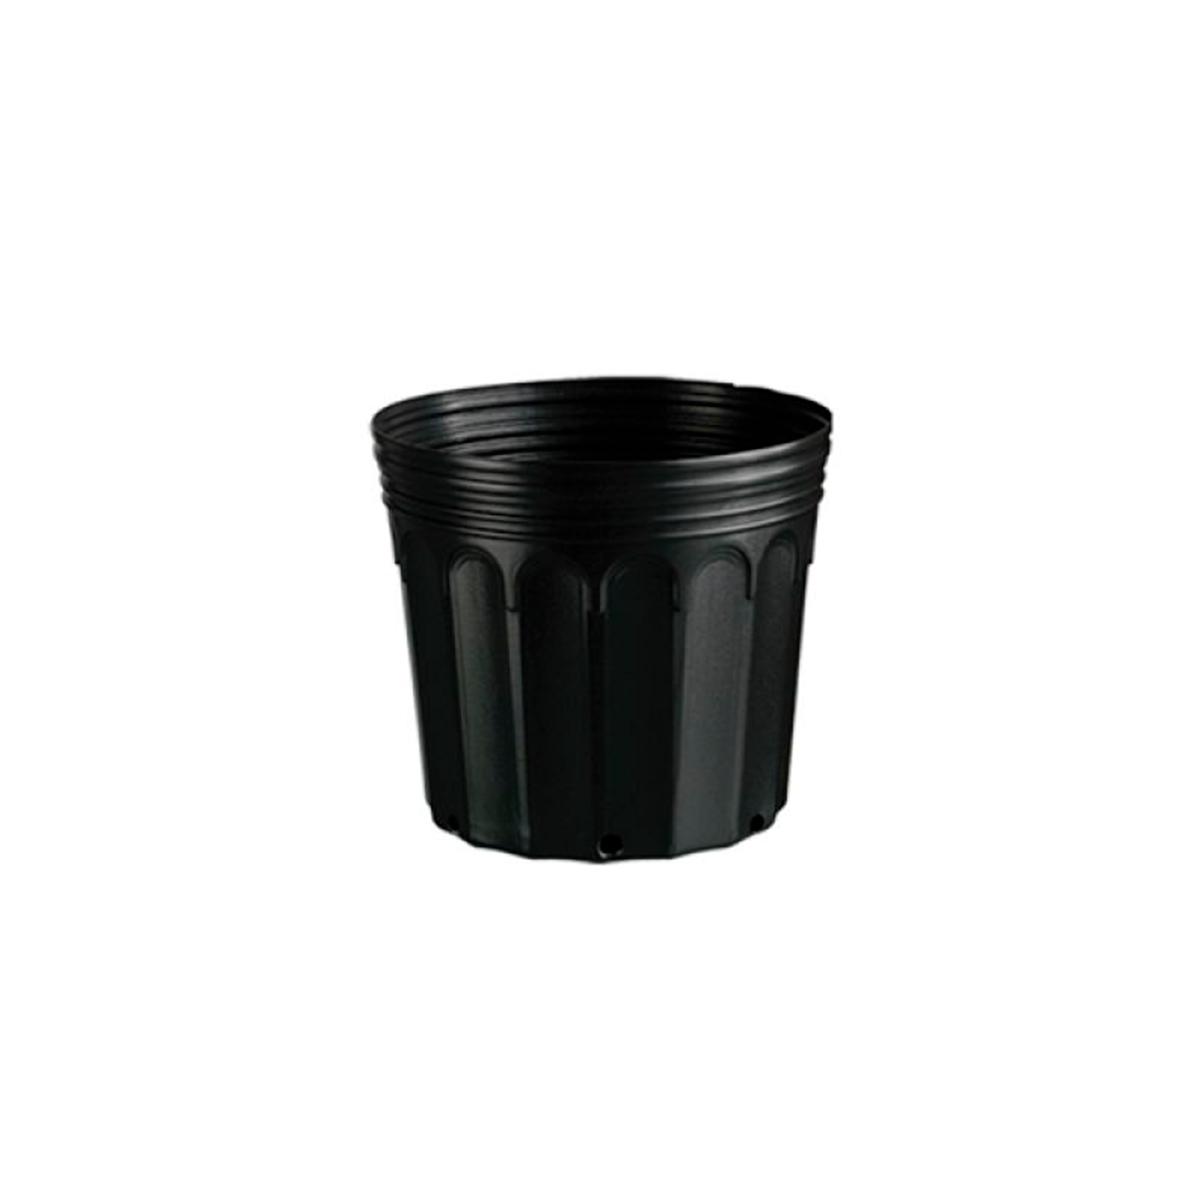 Kit com 16 Embalagem para Mudas Vaso Sem Alça 11 Litros